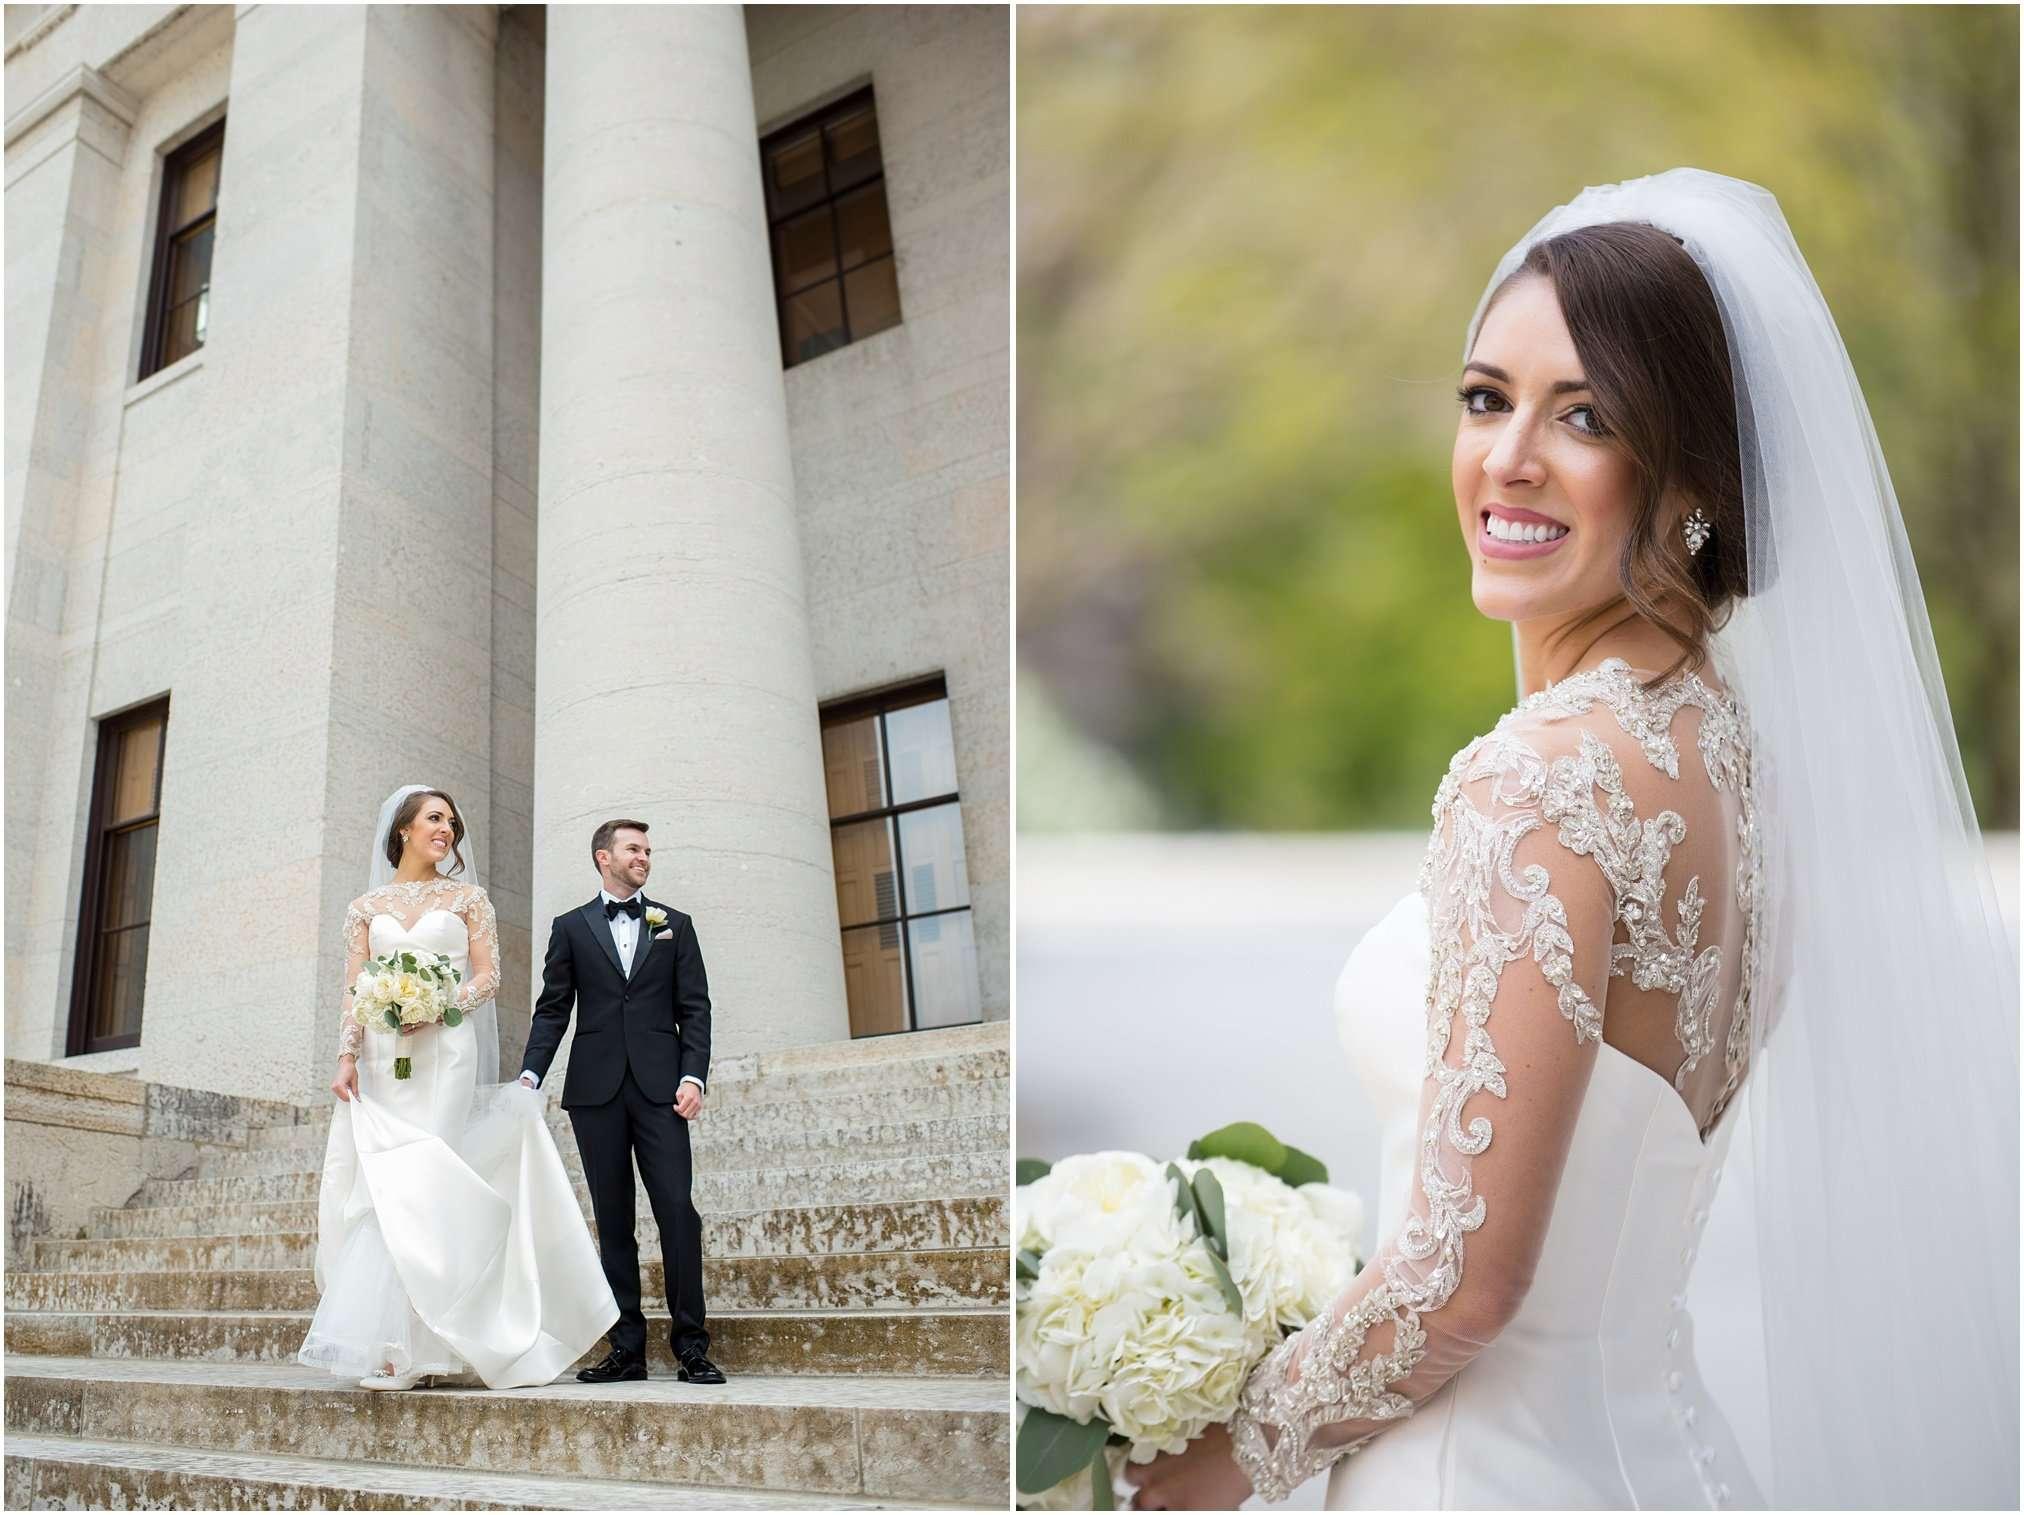 Spring Wedding at the Ohio Statehouse | Columbus Ohio Photography 44